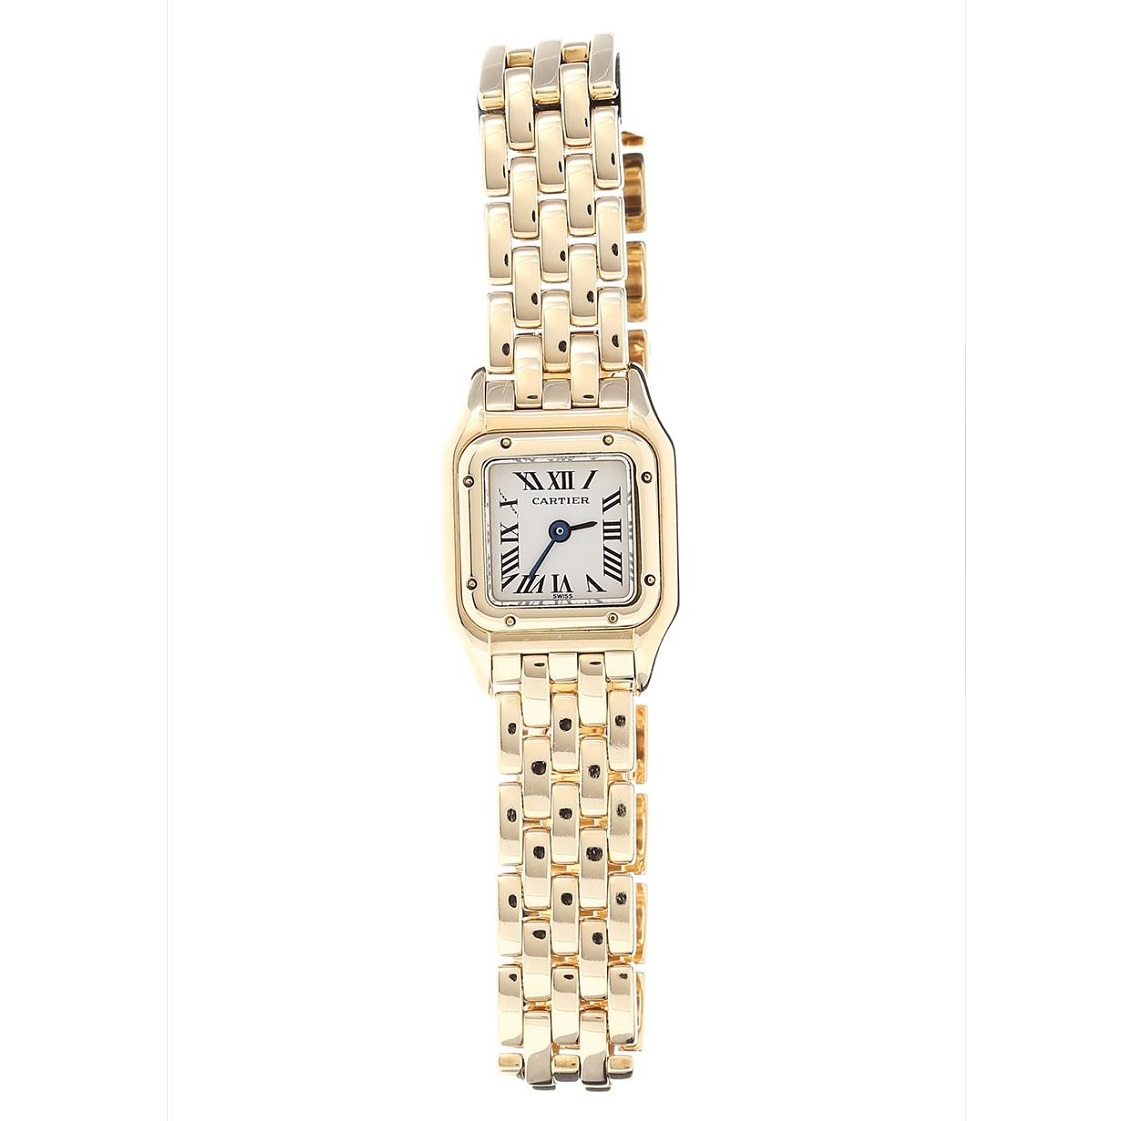 カルティエ Cartier ミニパンテール YG クォーツ レディース  腕時計 送料無料 【トレジャースポット】【中古】